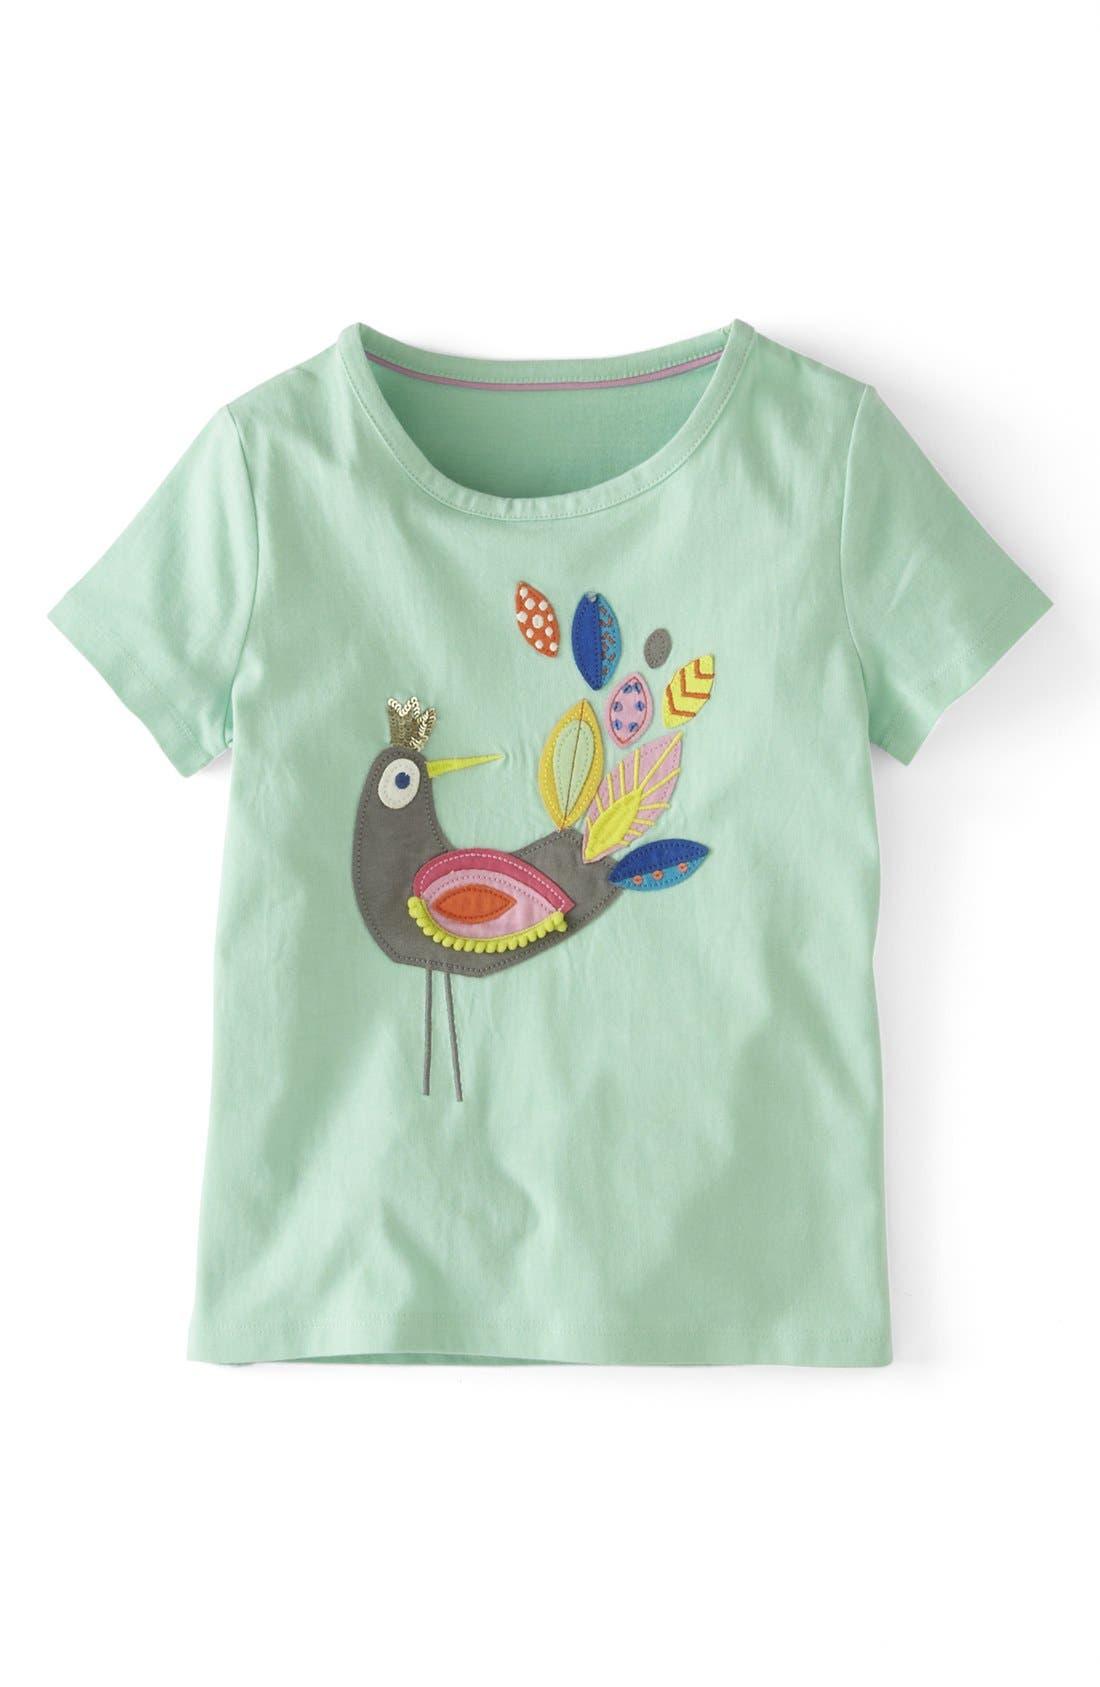 Alternate Image 1 Selected - Mini Boden Pompom Appliqué Tee (Toddler Girls, Little Girls & Big Girls)